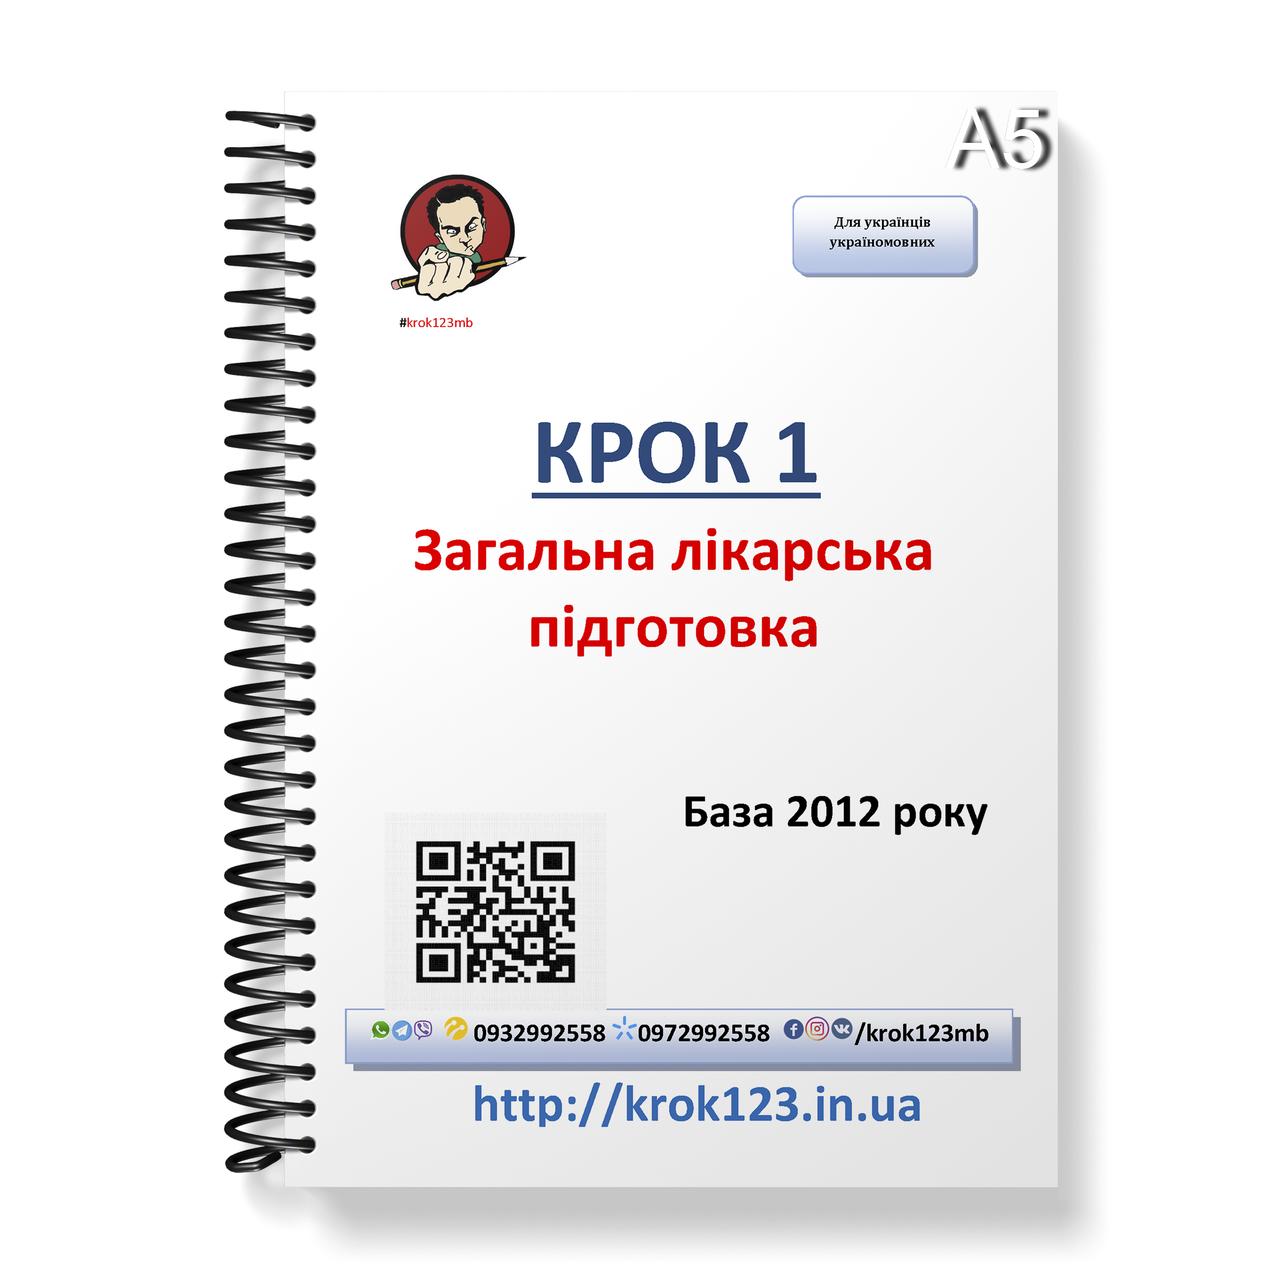 Крок 1. Общая врачебная подготовка. База 2012. Для украинцев украиноязычных. Формат А5